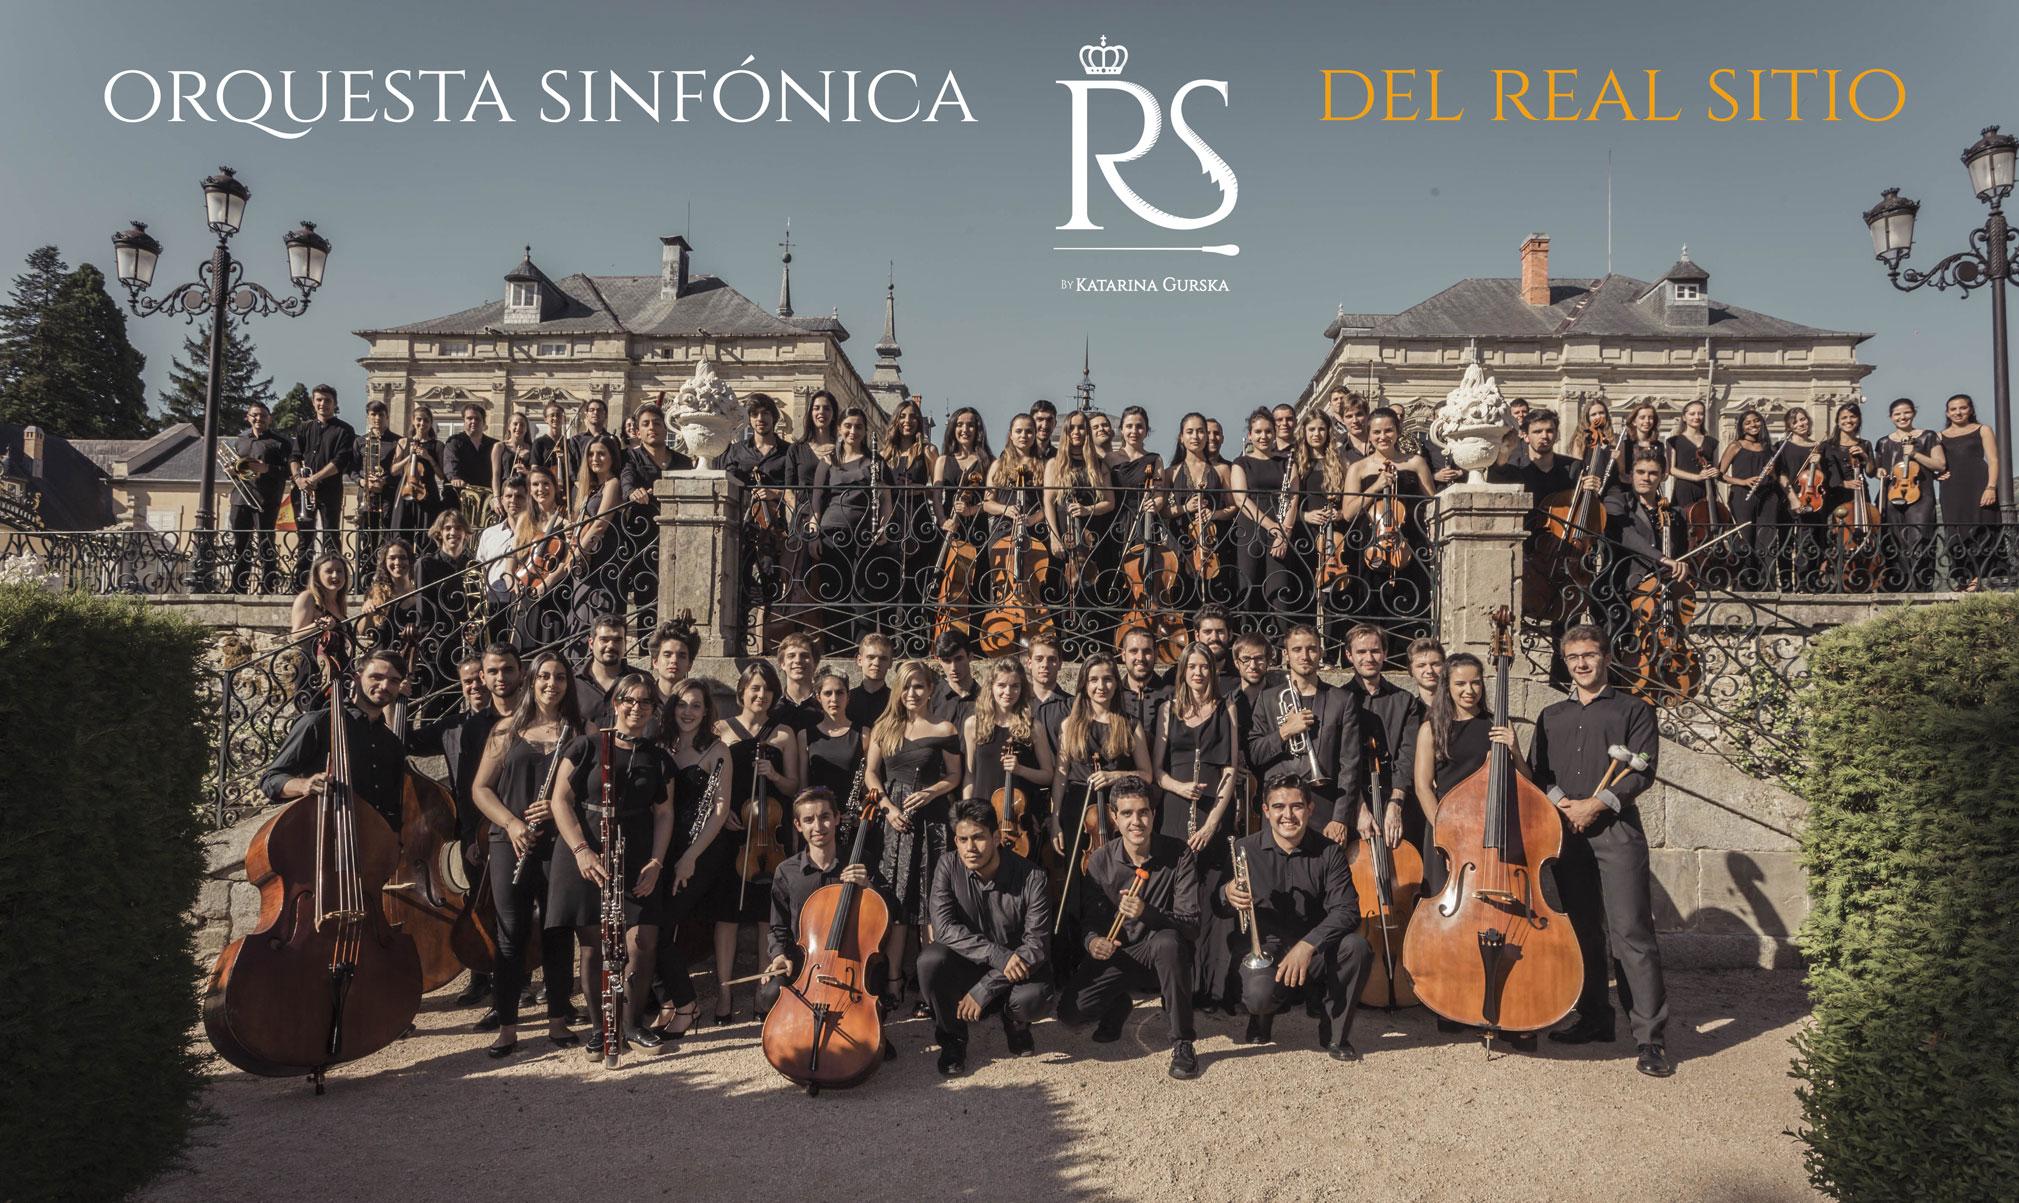 Orquesta Sinfónica del Real Sitio